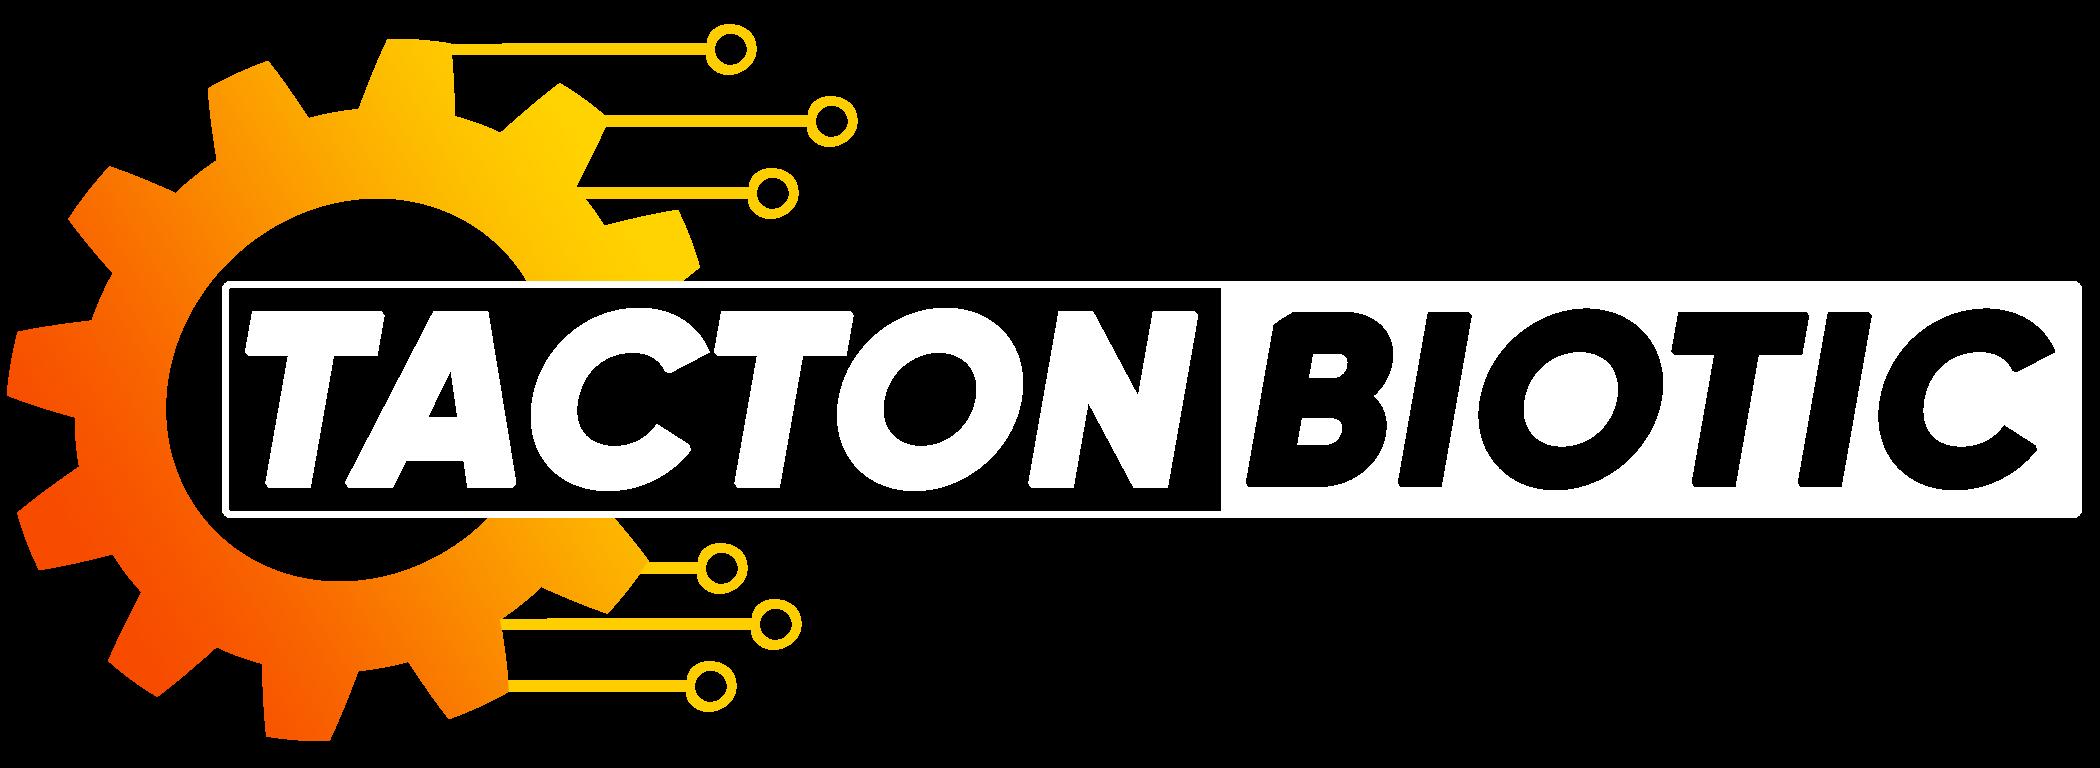 TactonBiotic